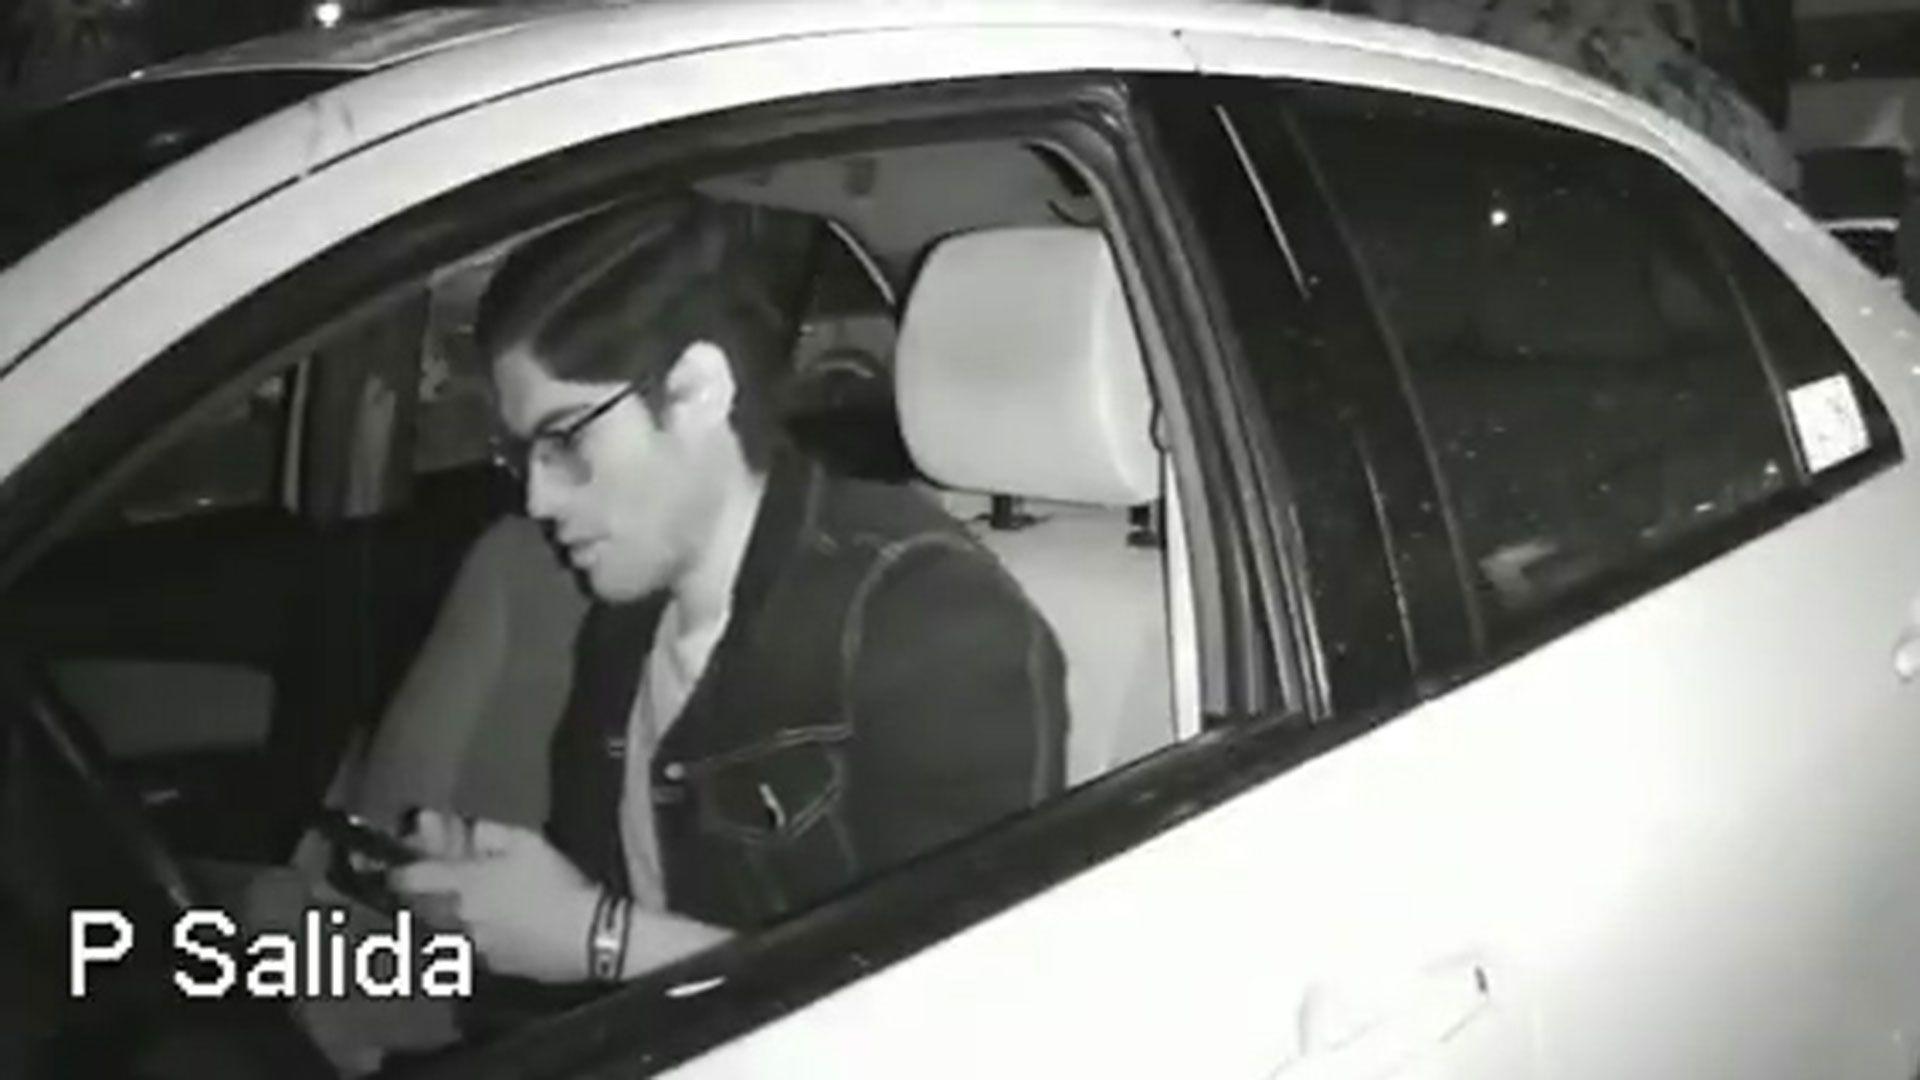 El joven fue privado de su libertad el 4 de junio (Foto: captura de pantalla)